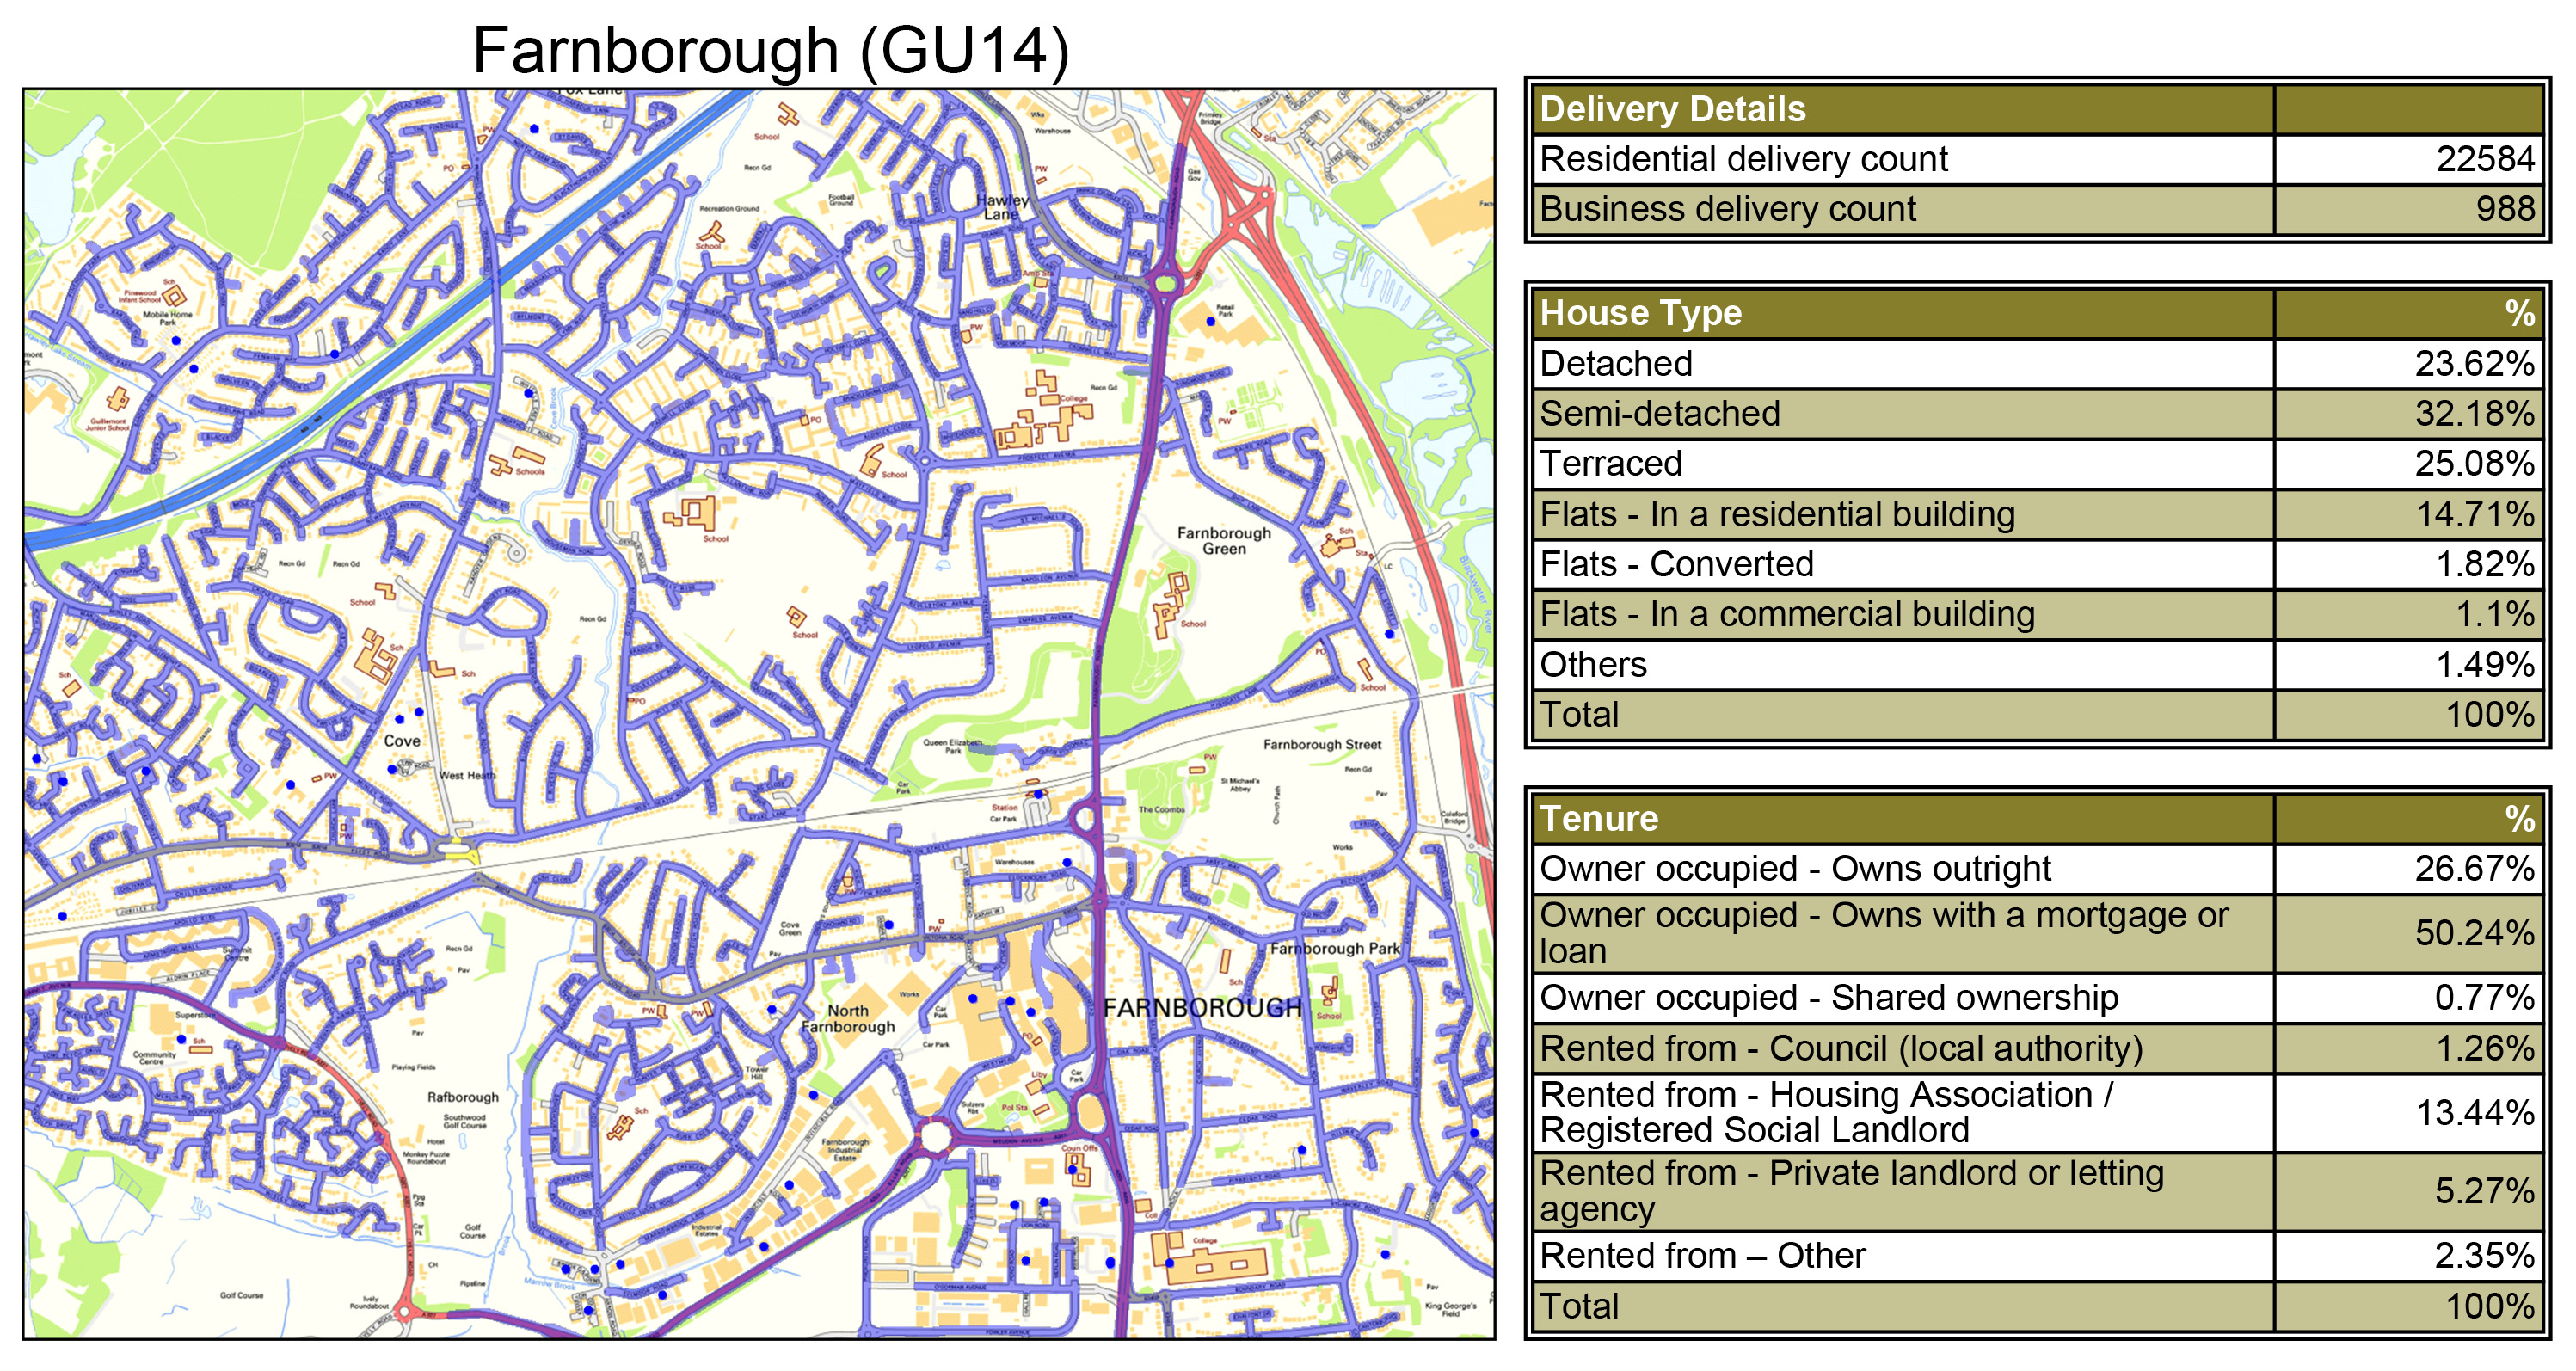 Leaflet Distribution Farnborough - Geoplan Image